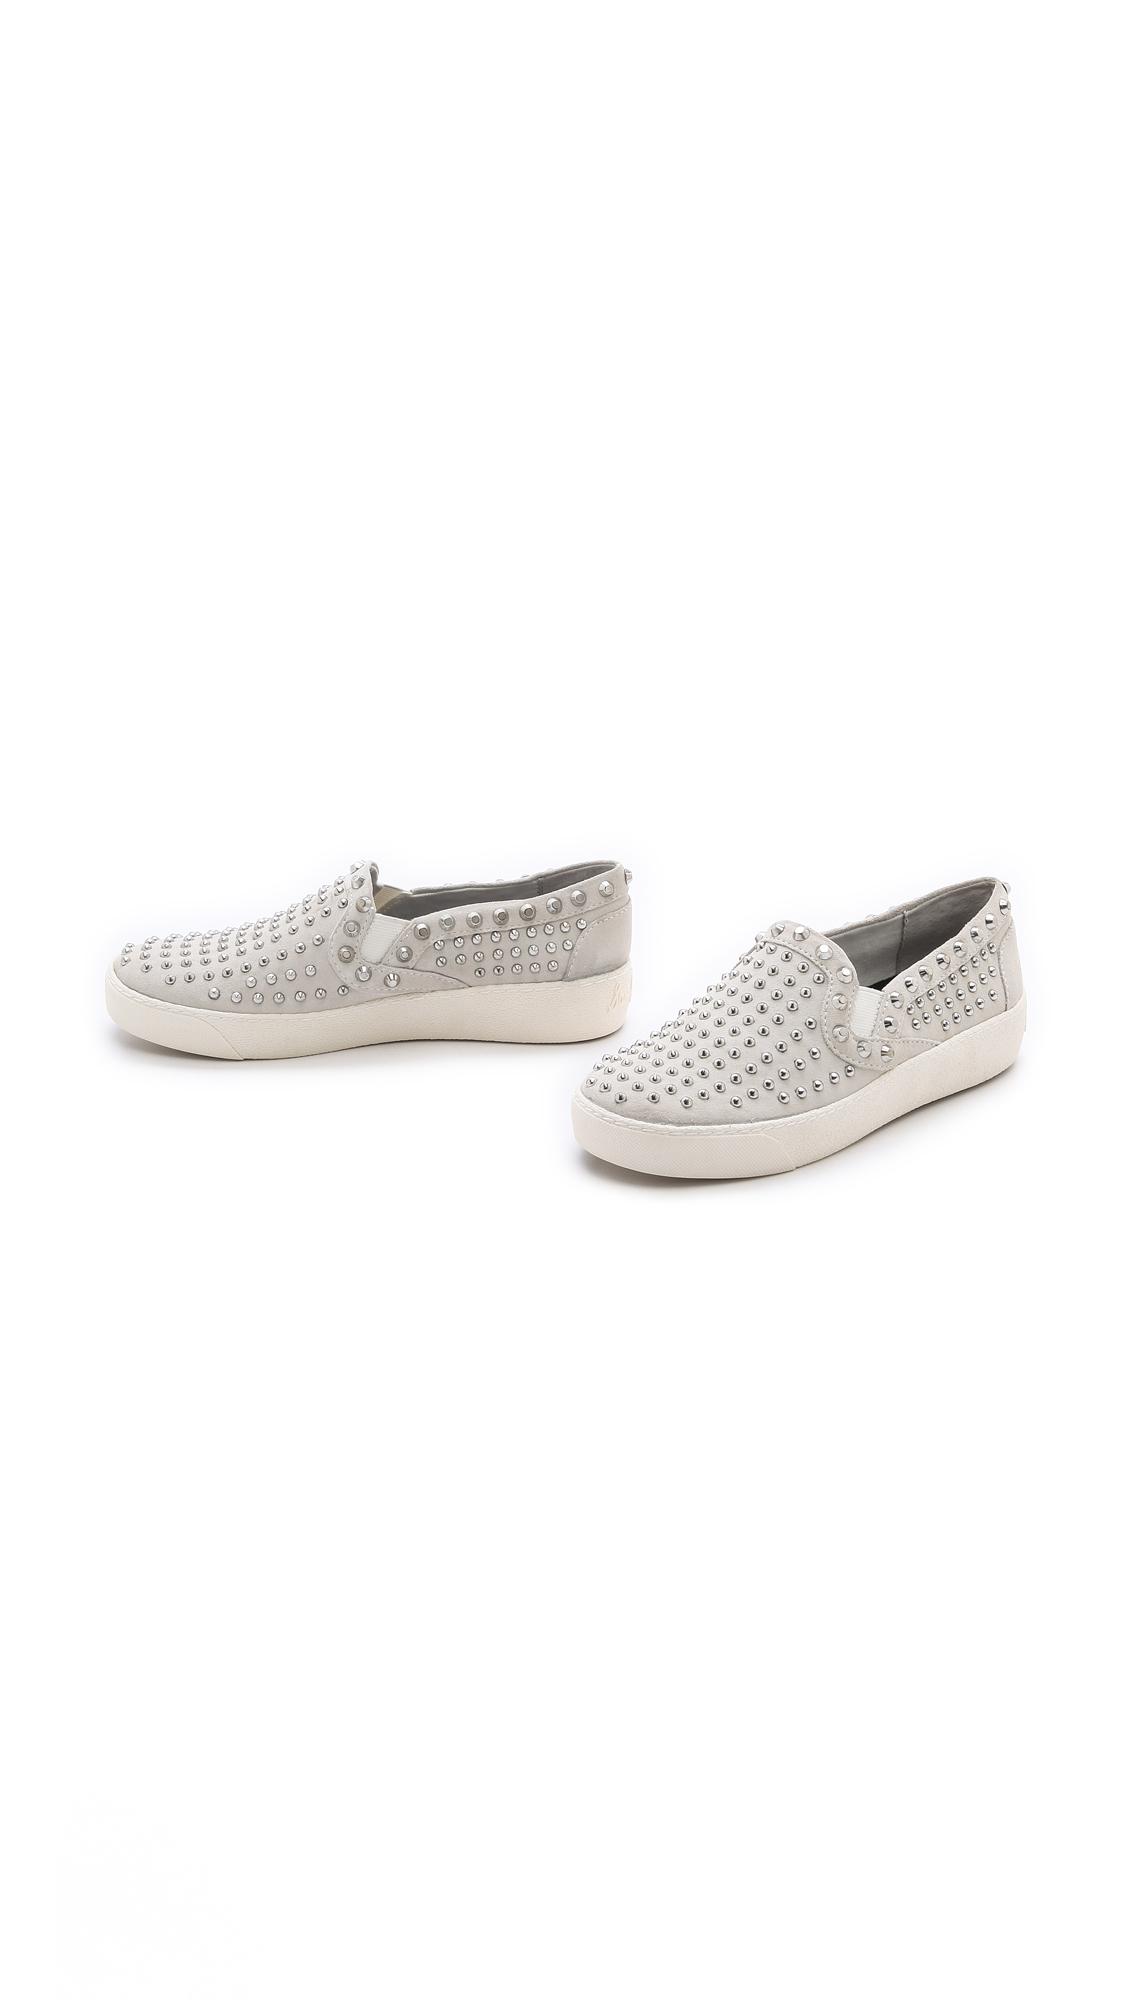 44e9000da9eafd Lyst - Sam Edelman Braxton Studded Slip On Sneakers in White